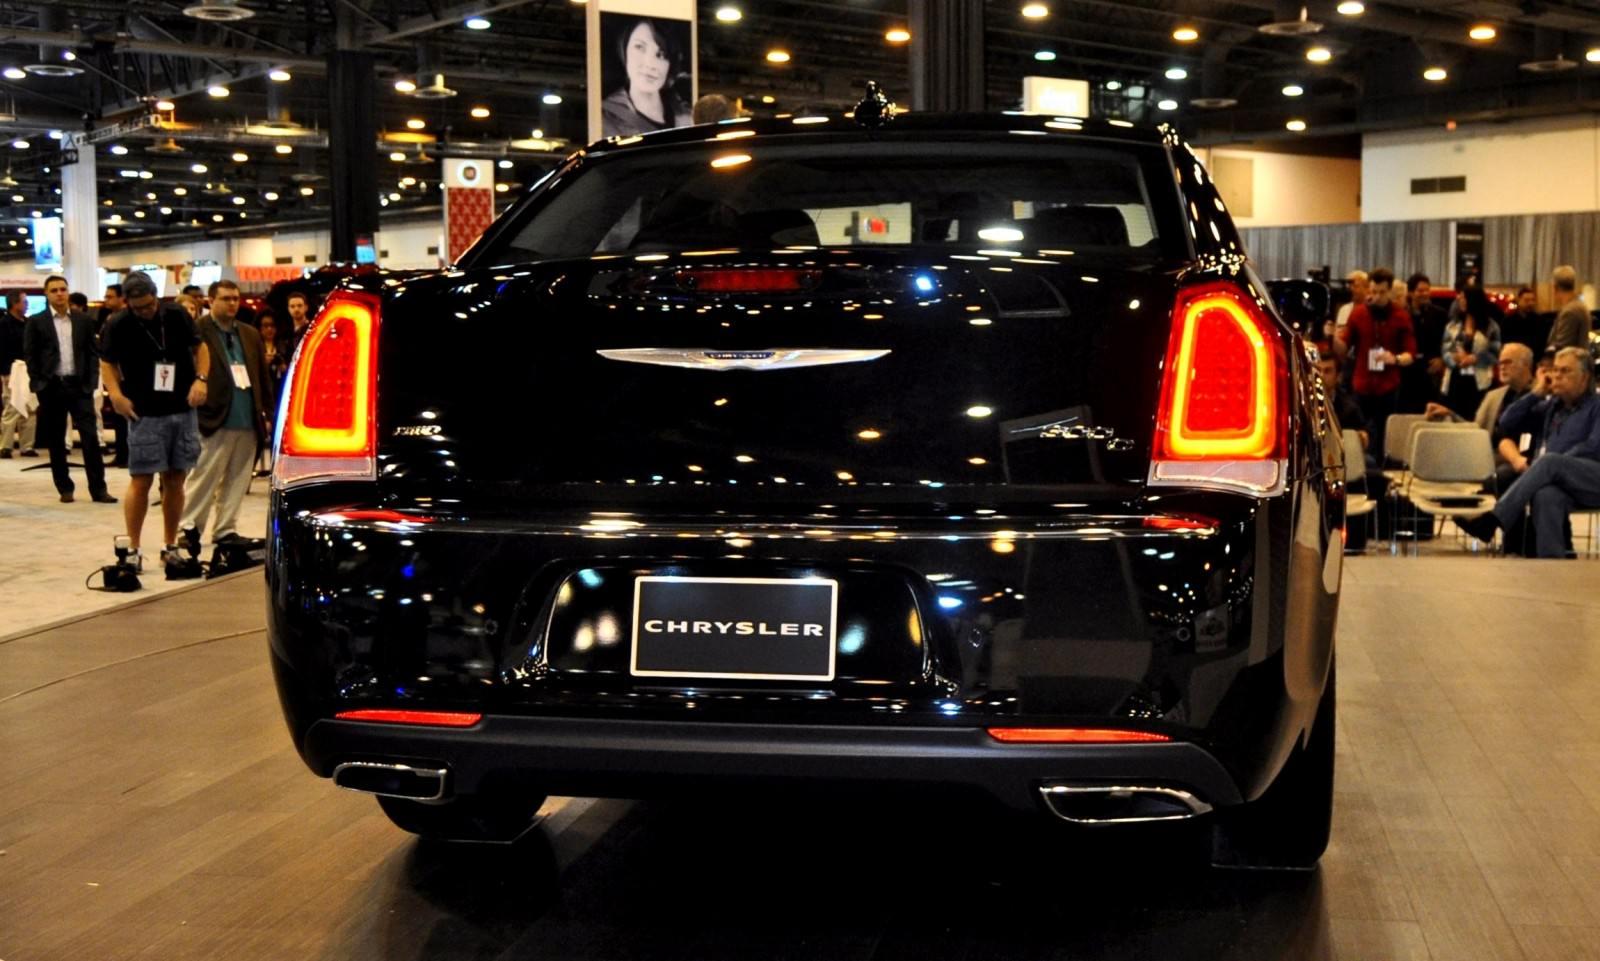 2015 Chrysler 300C - Houston Auto Show Gallery 6